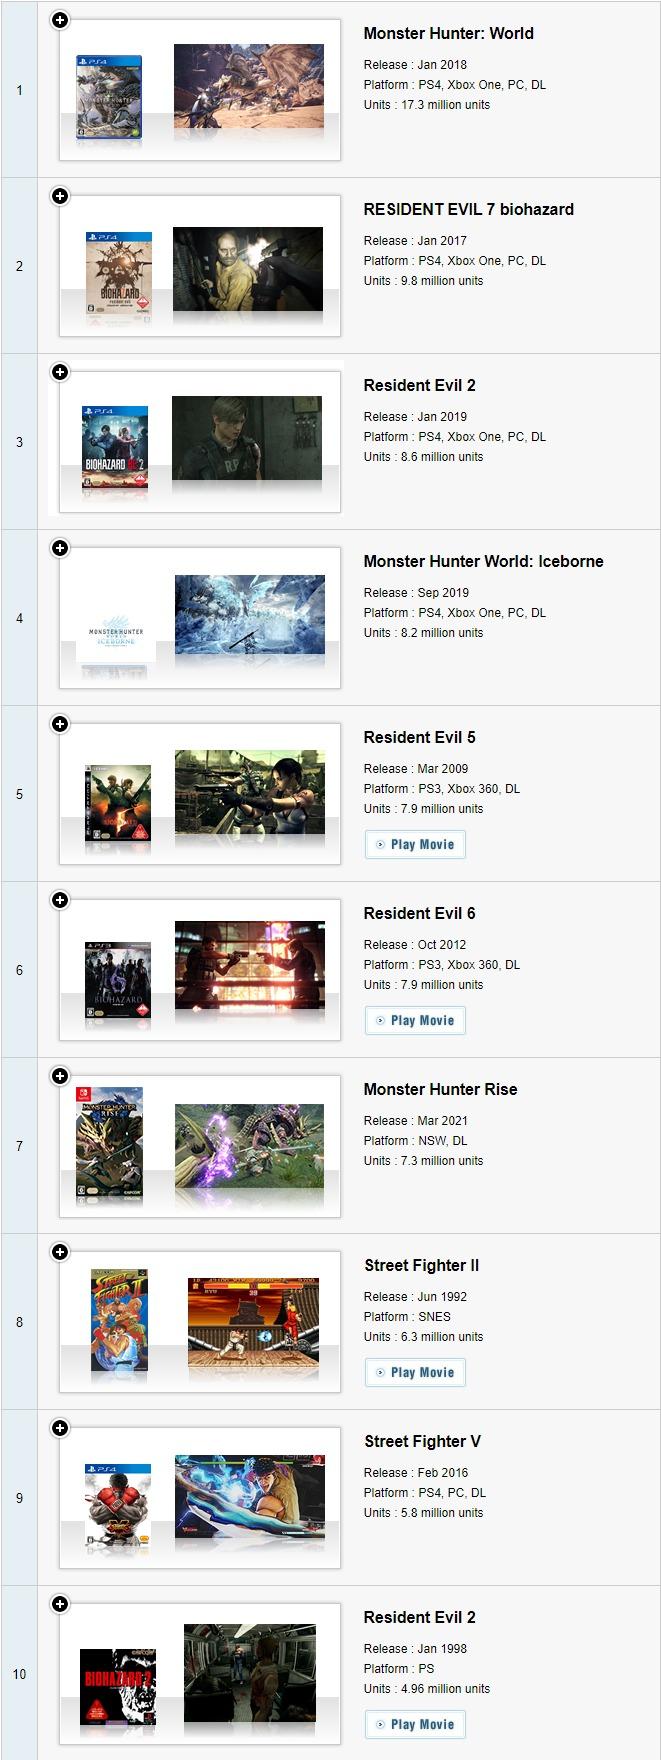 卡普空百萬銷量作品最新排行更新 怪物獵人崛起排進前十